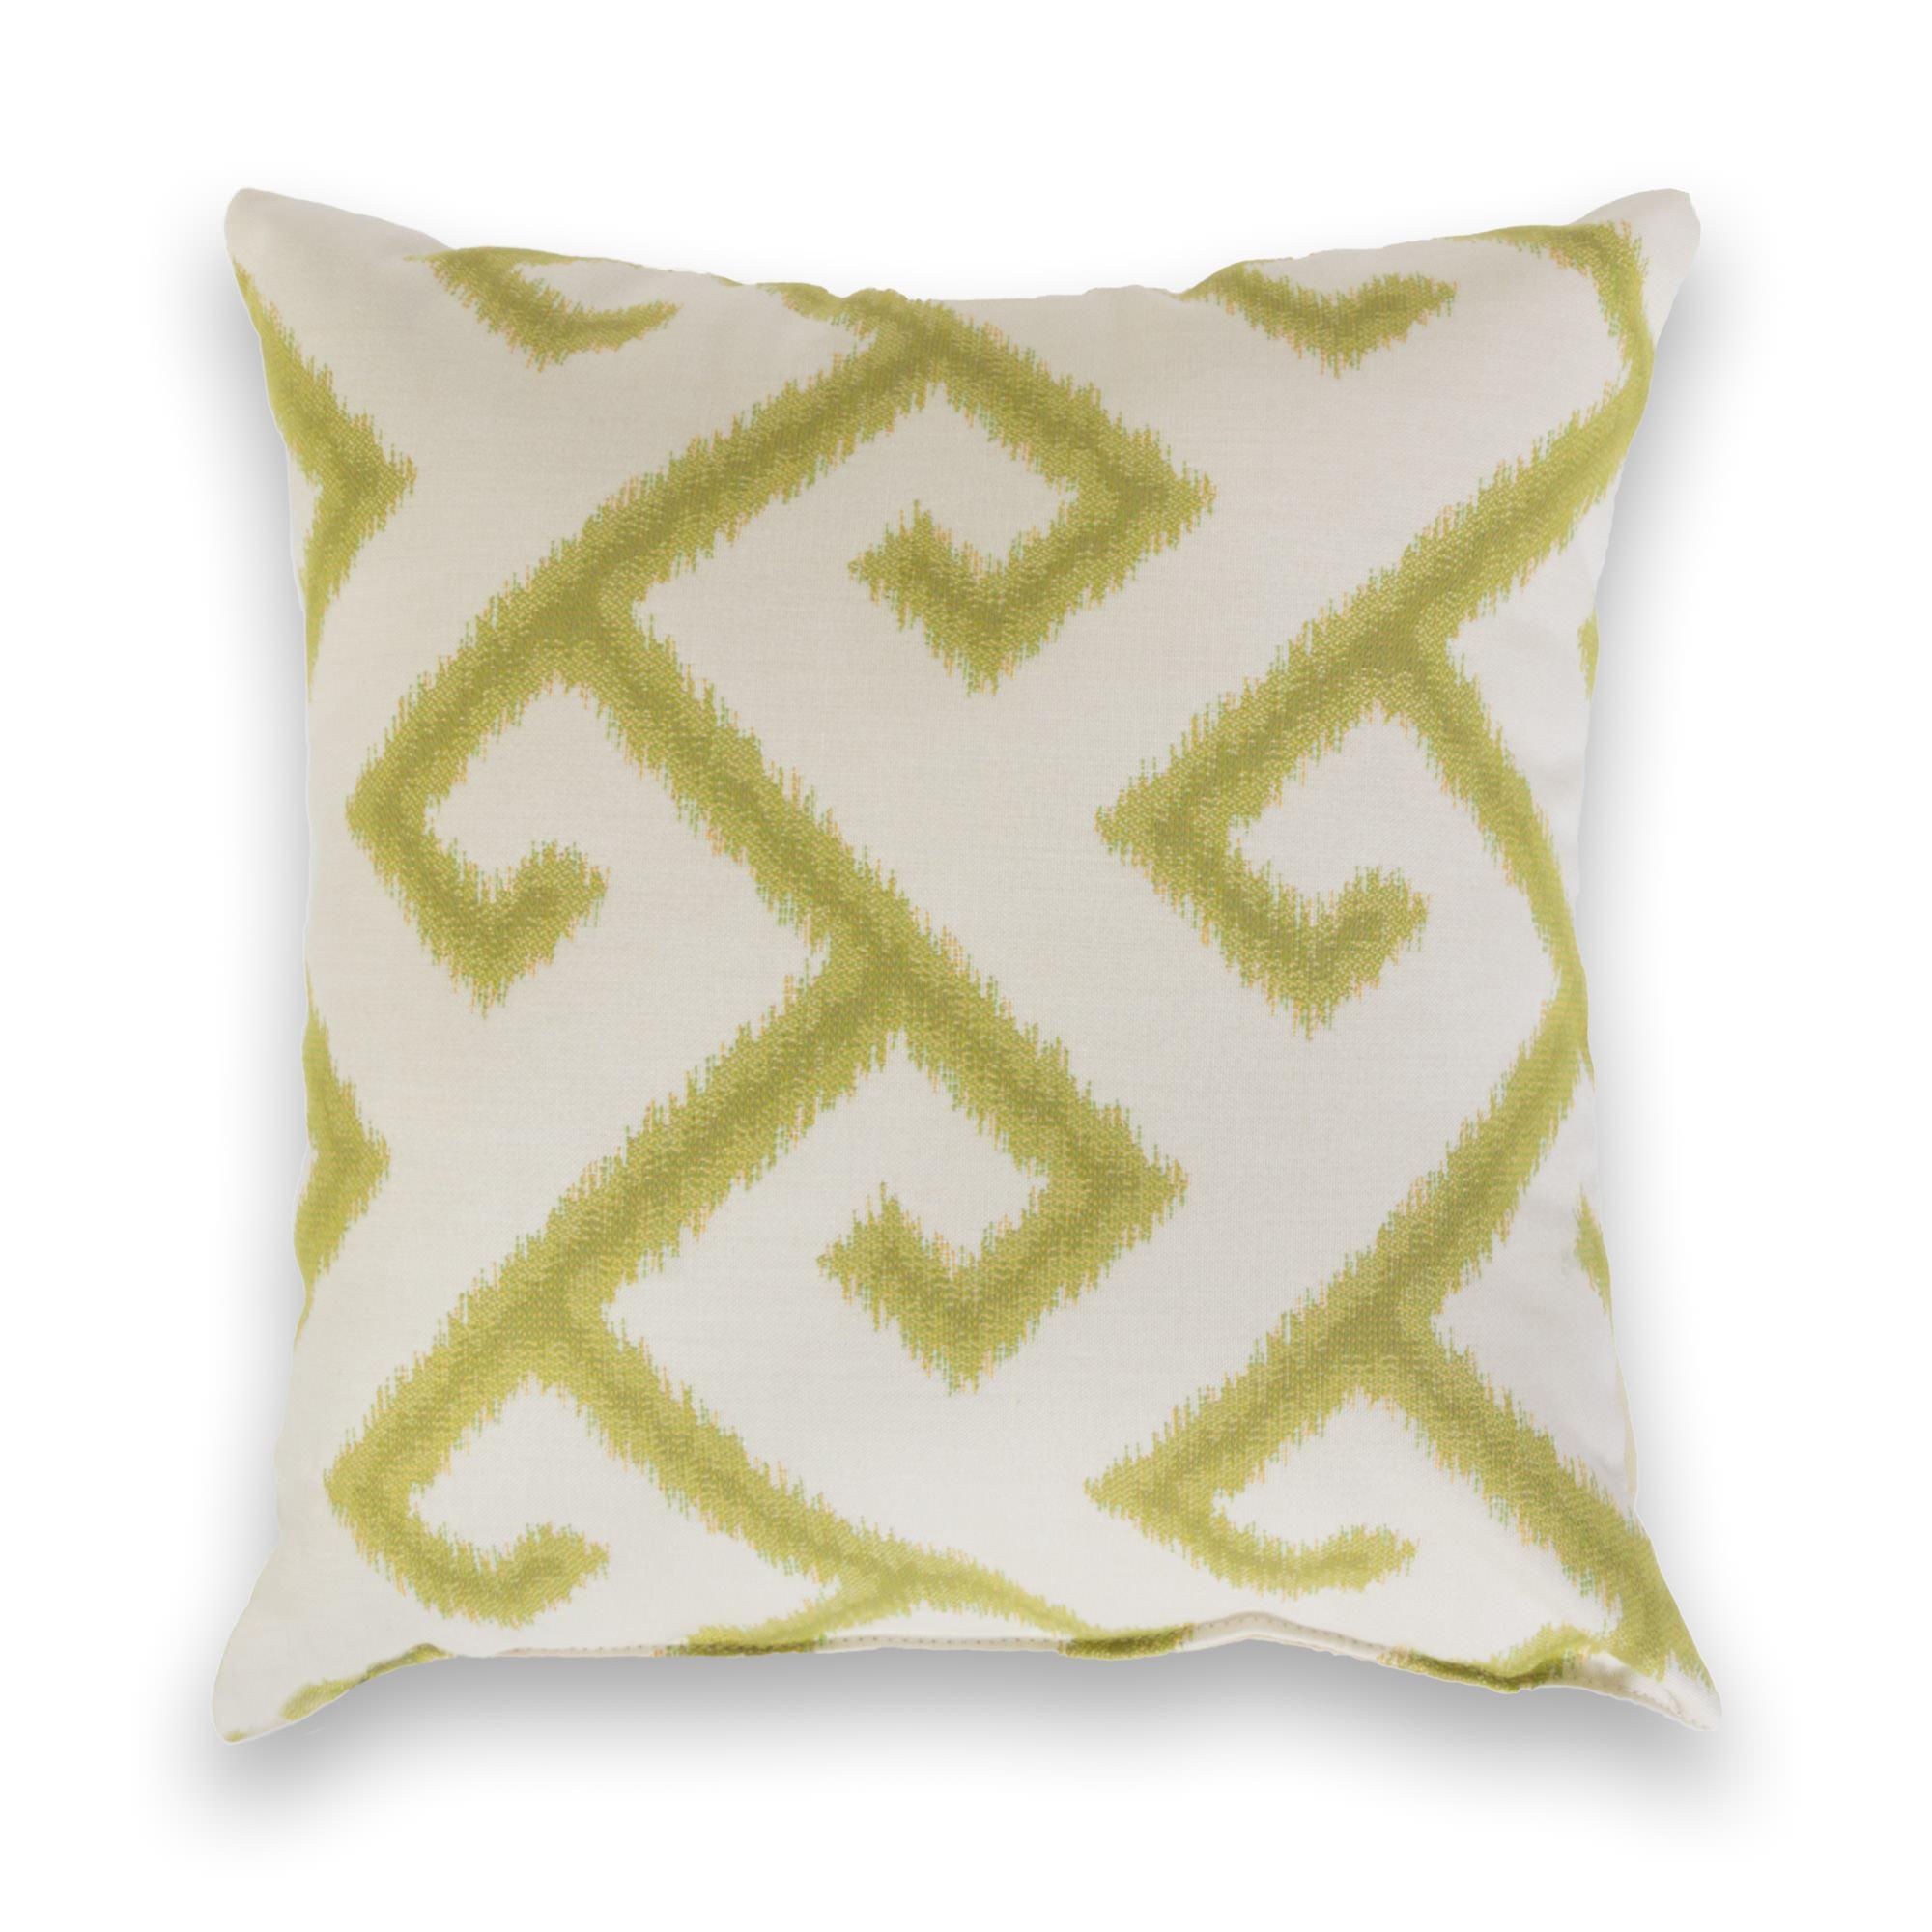 El Greco Avacado Sunbrella Outdoor Throw Pillow